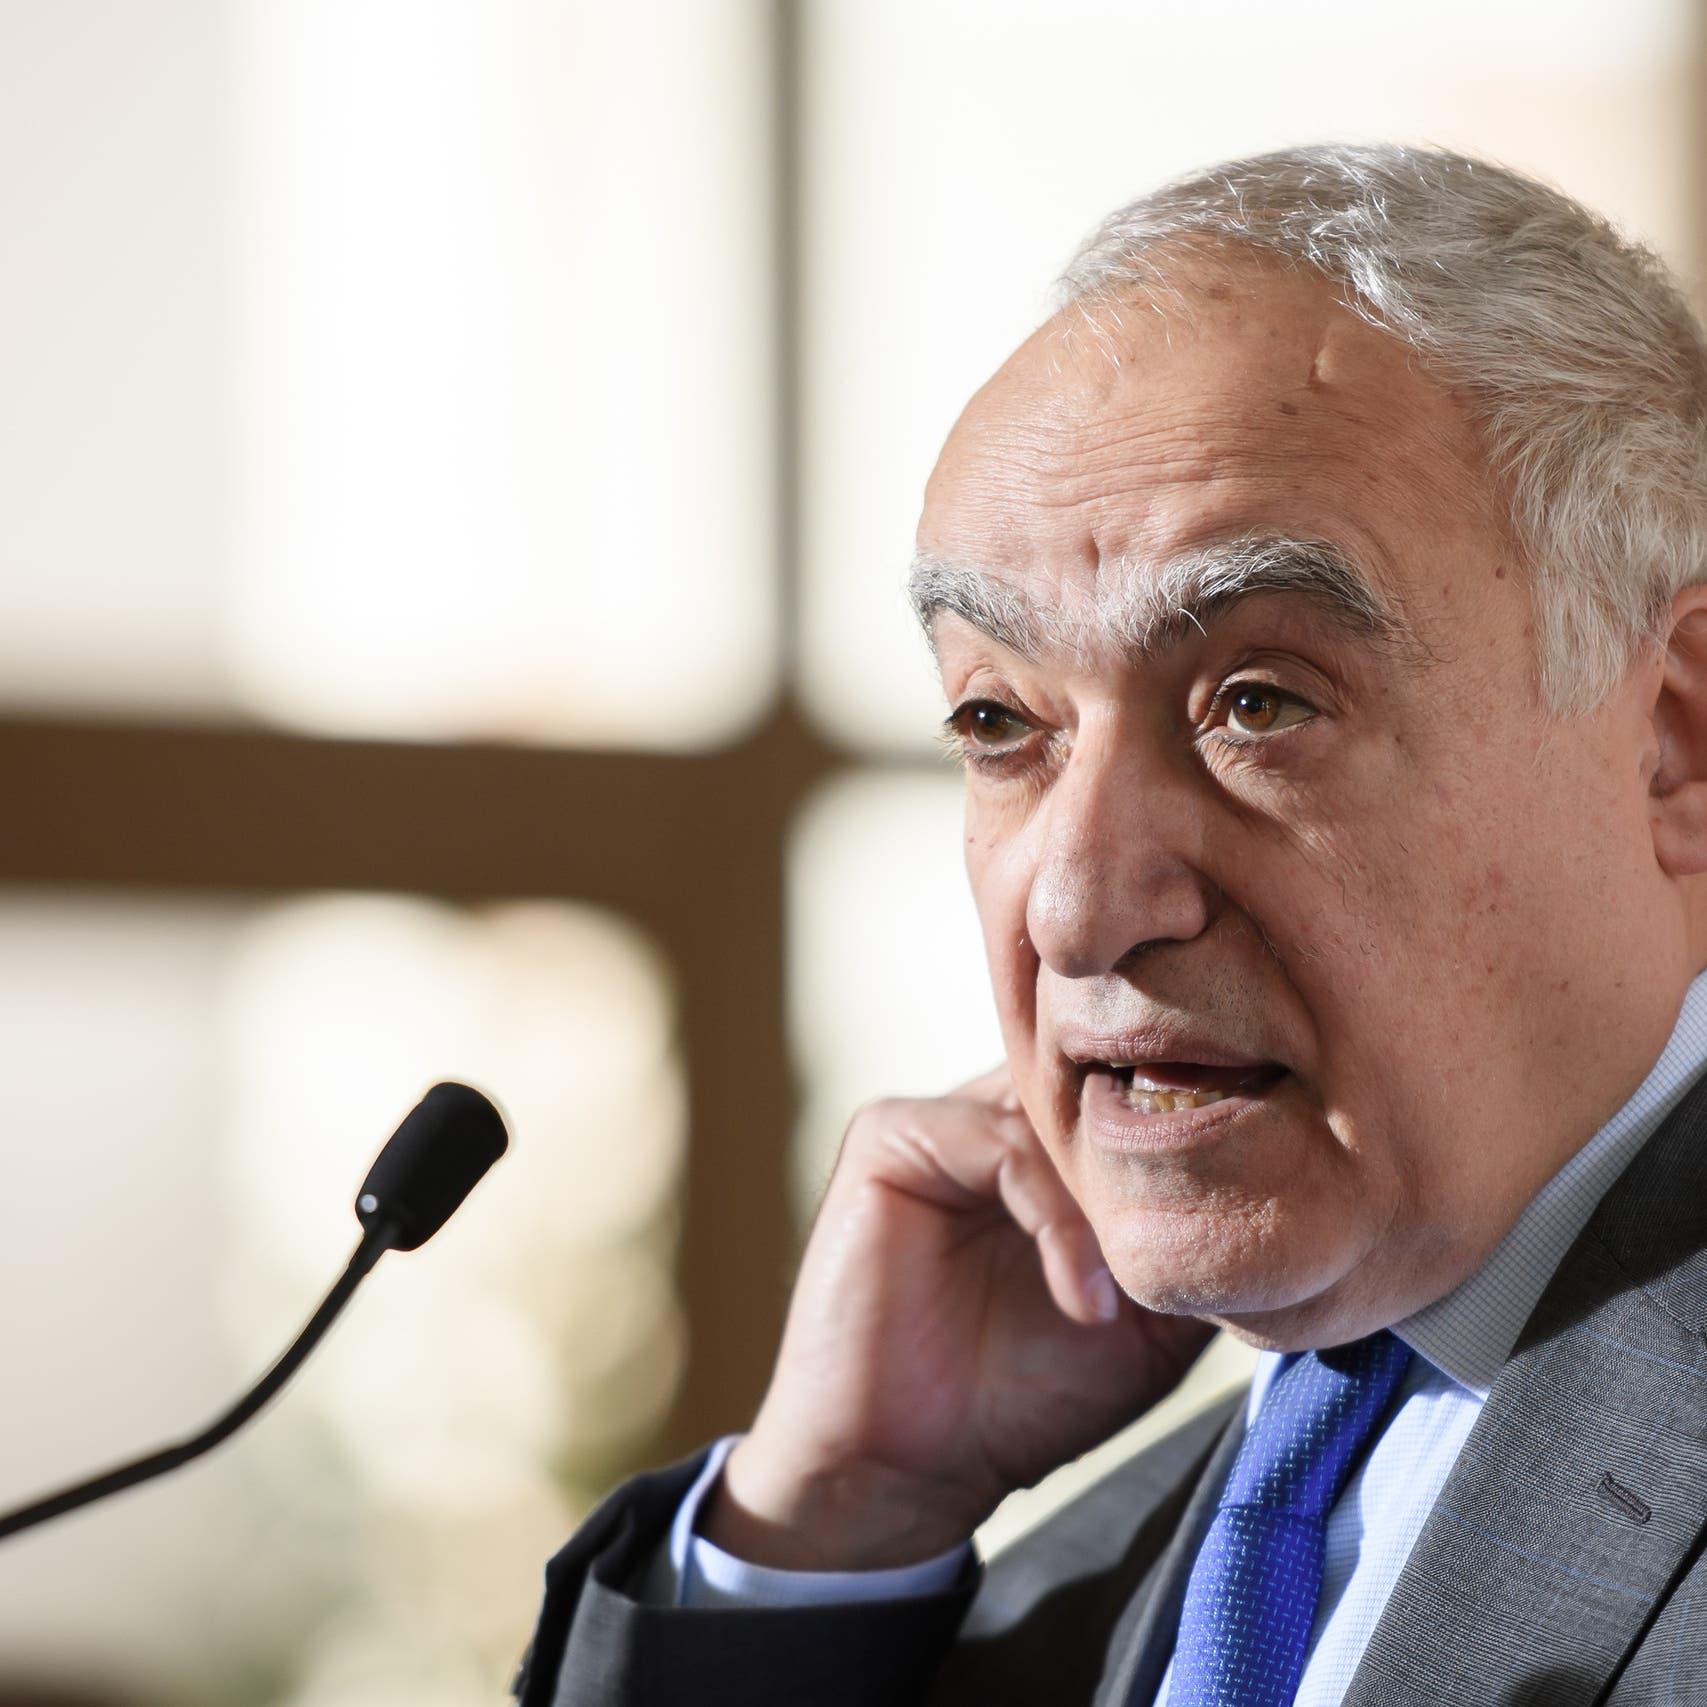 6 مبعوثين أمميين تعاقبوا على ليبيا..لماذا استقال سلامة؟